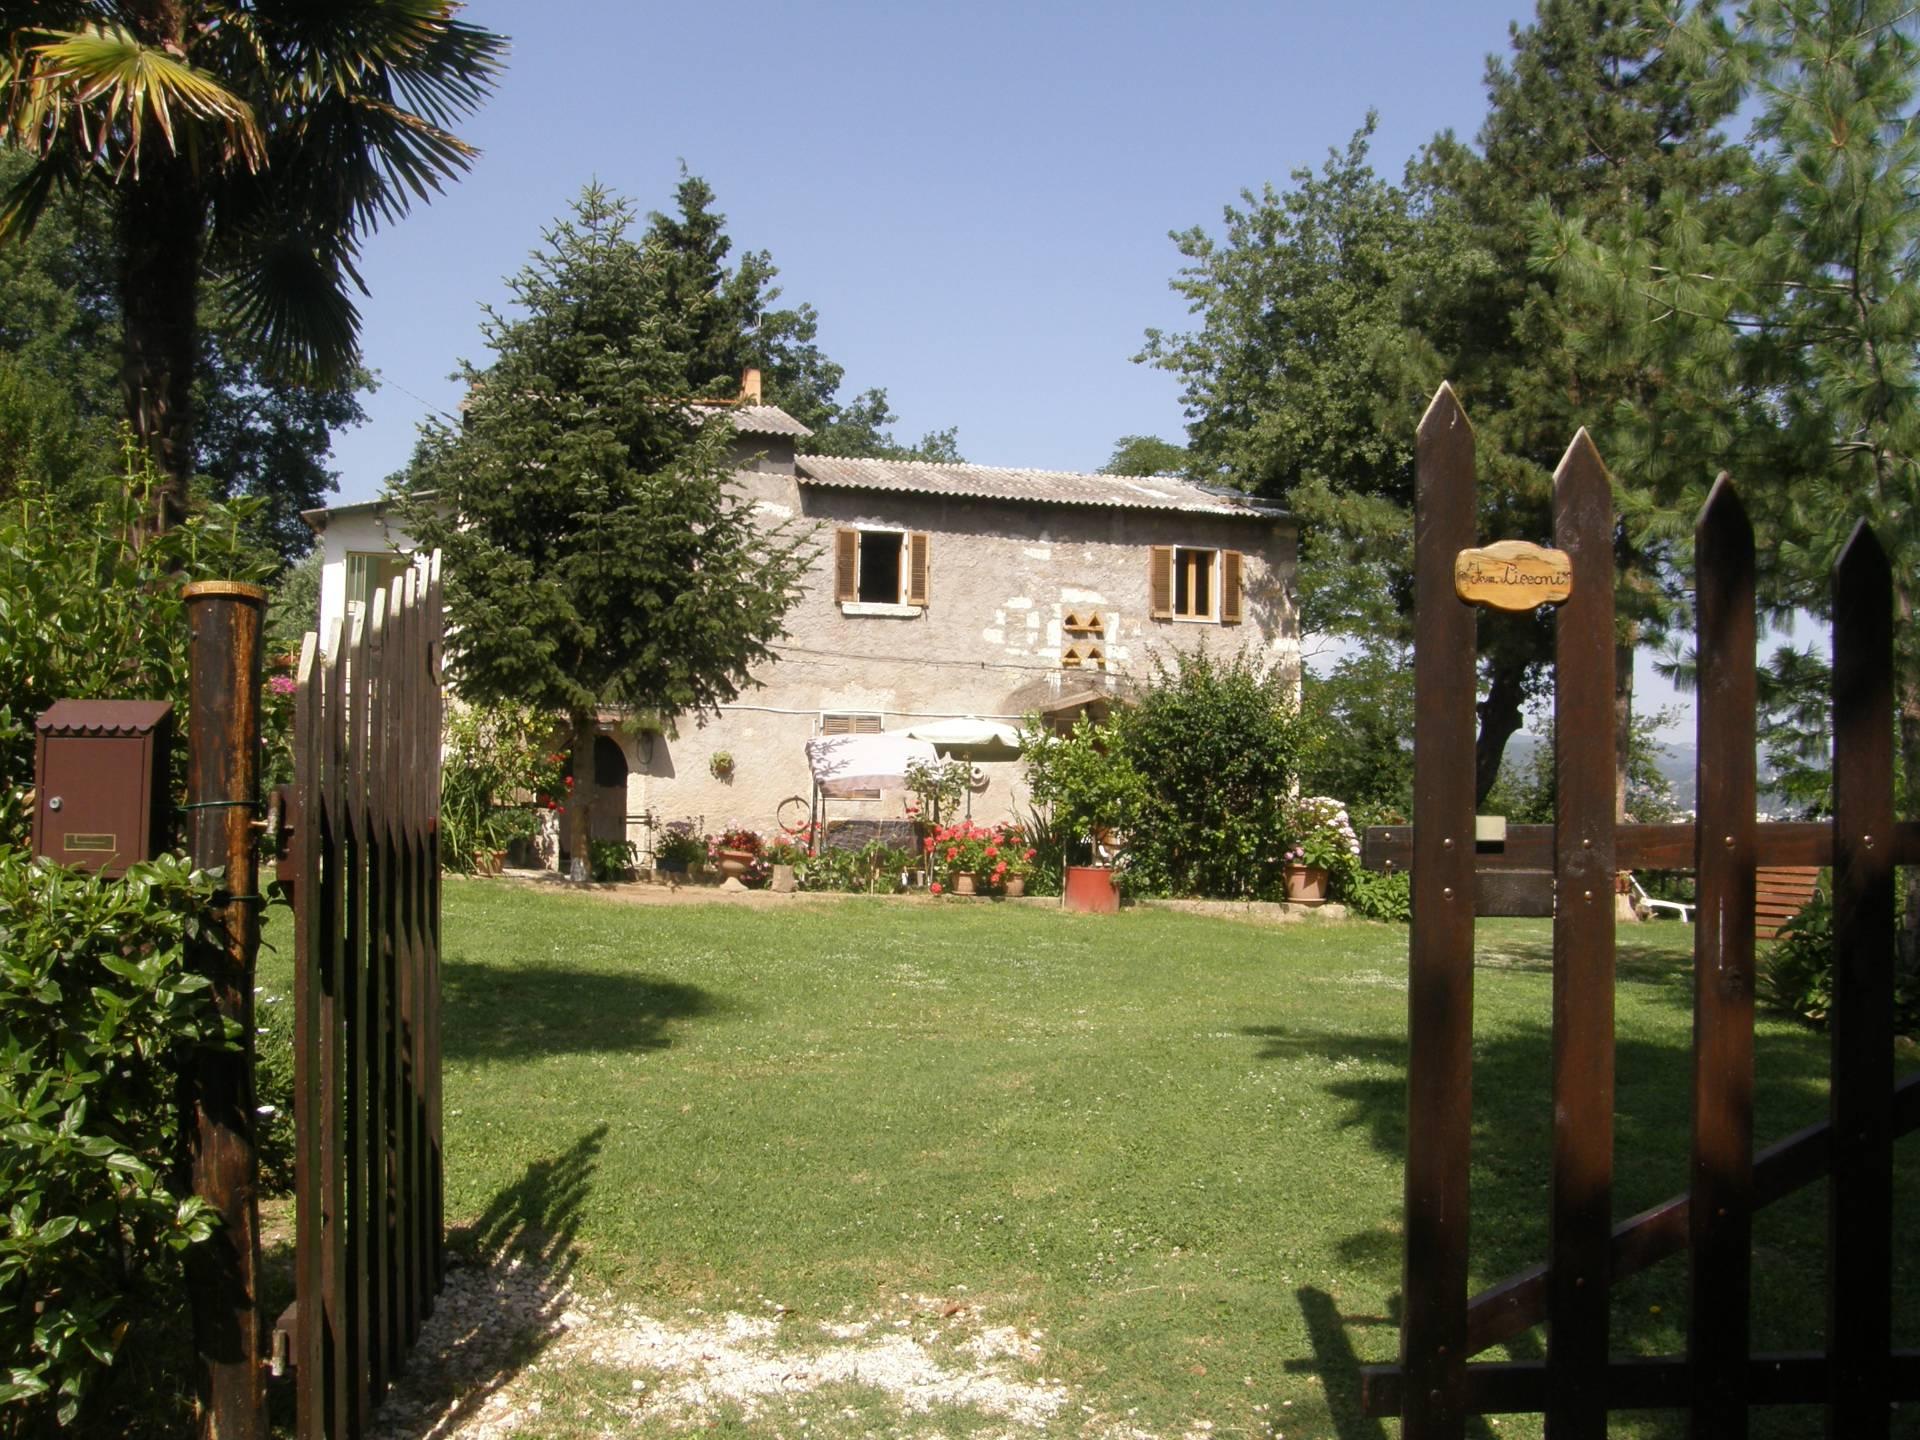 Soluzione Indipendente in vendita a Ascoli Piceno, 11 locali, prezzo € 185.000 | Cambio Casa.it